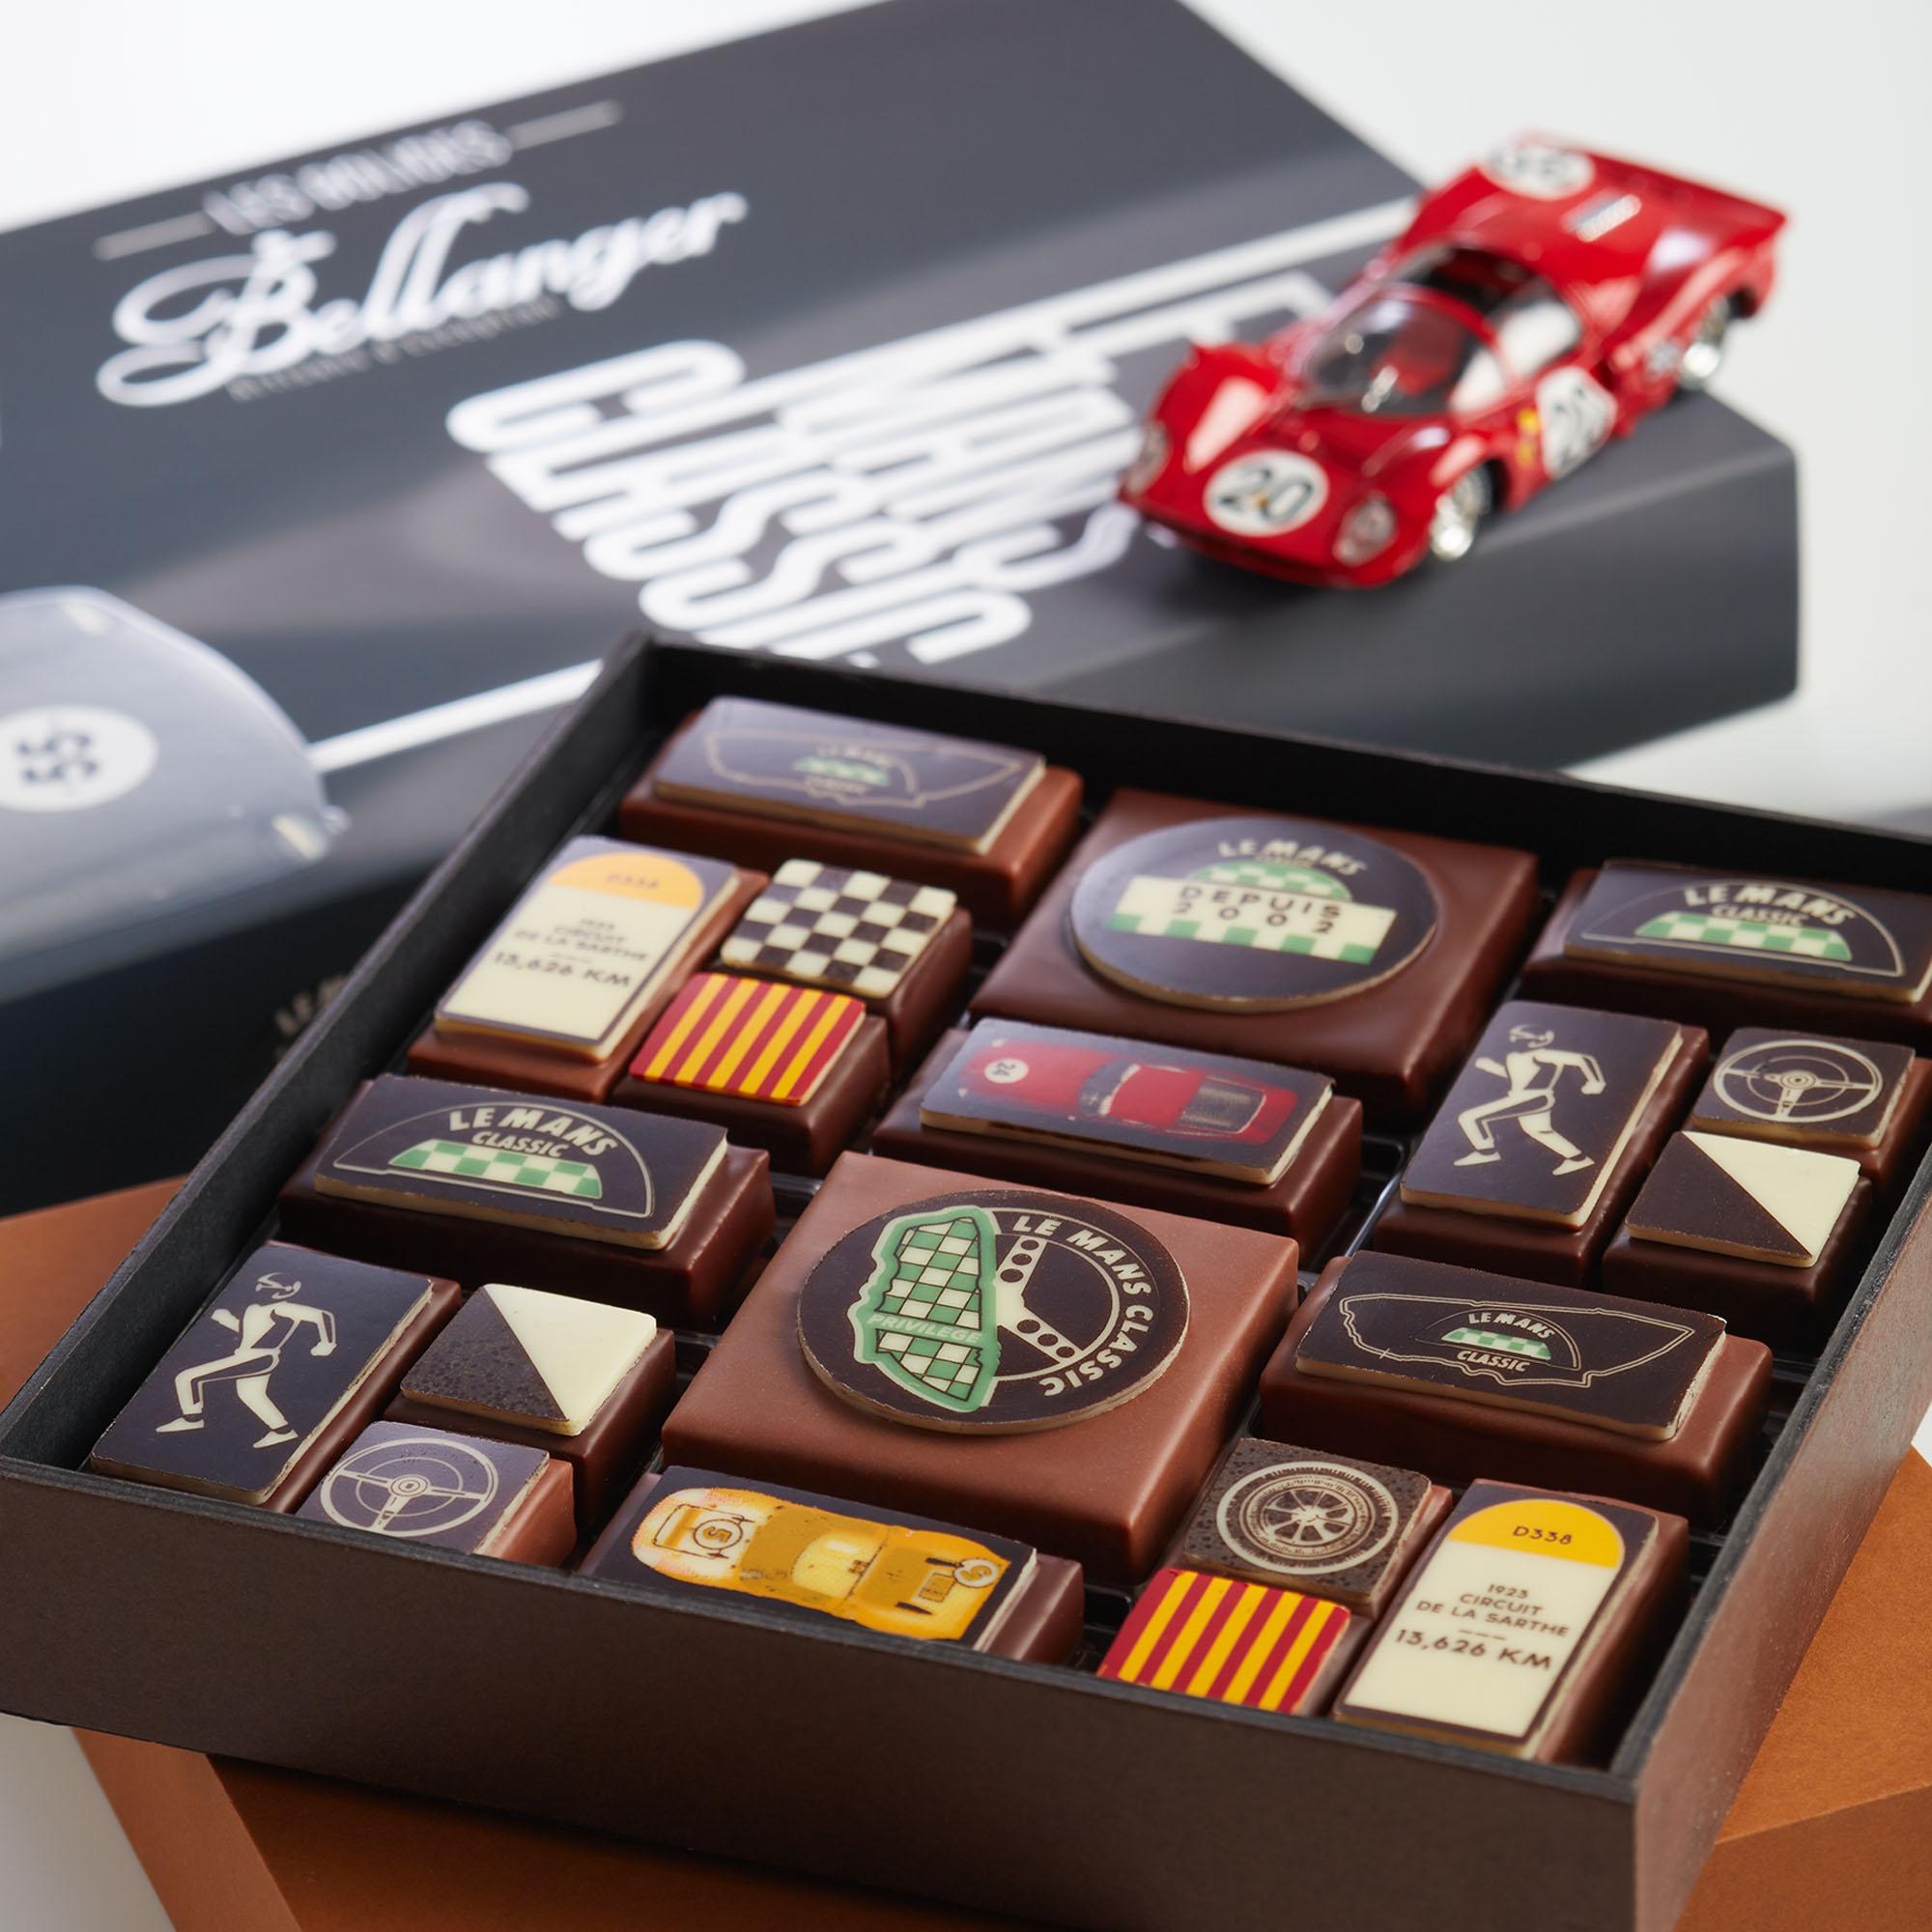 chocolats bellanger le mans classic